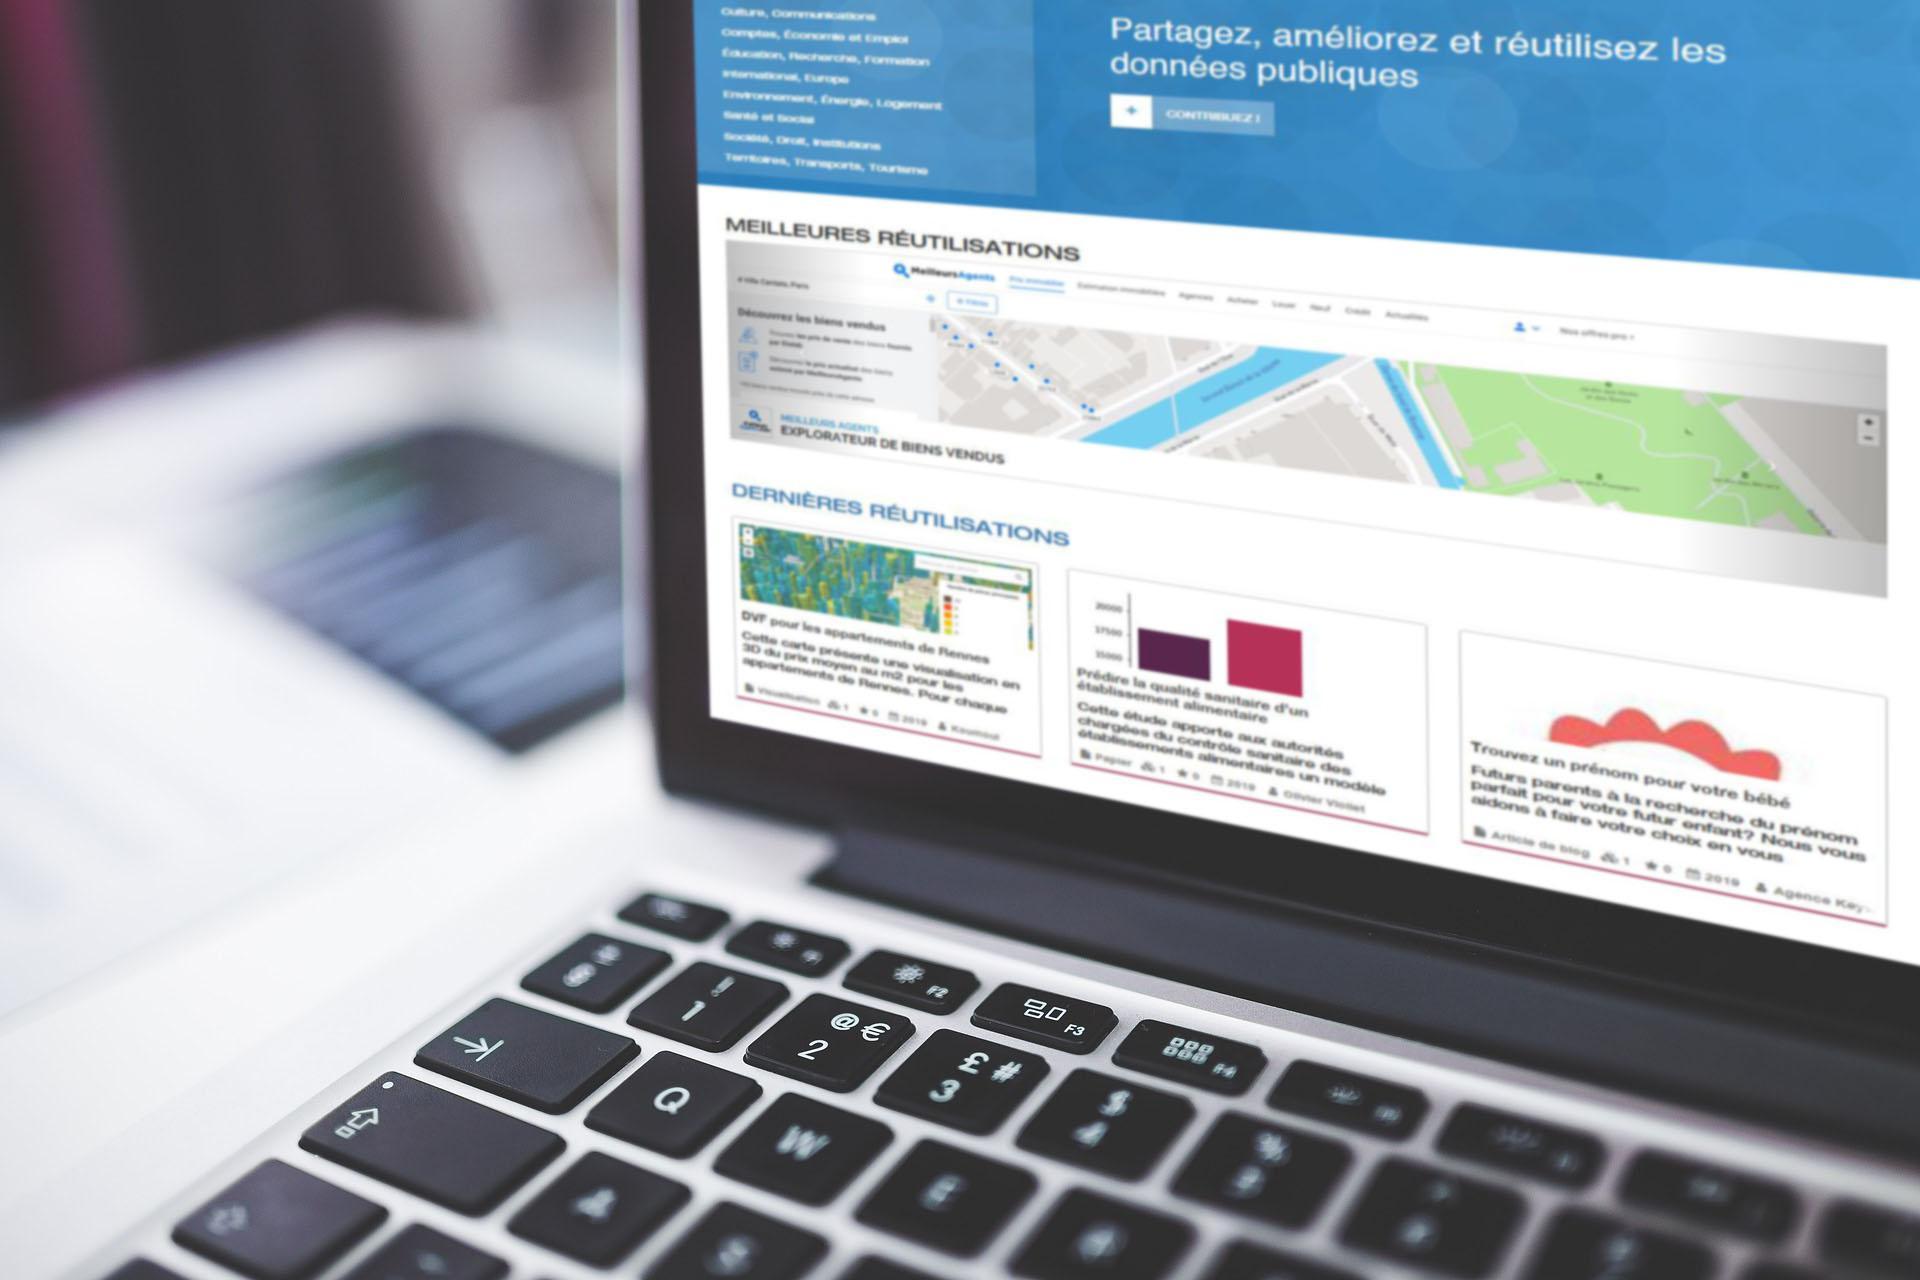 Retour sur les activités de data.gouv.fr en 2019